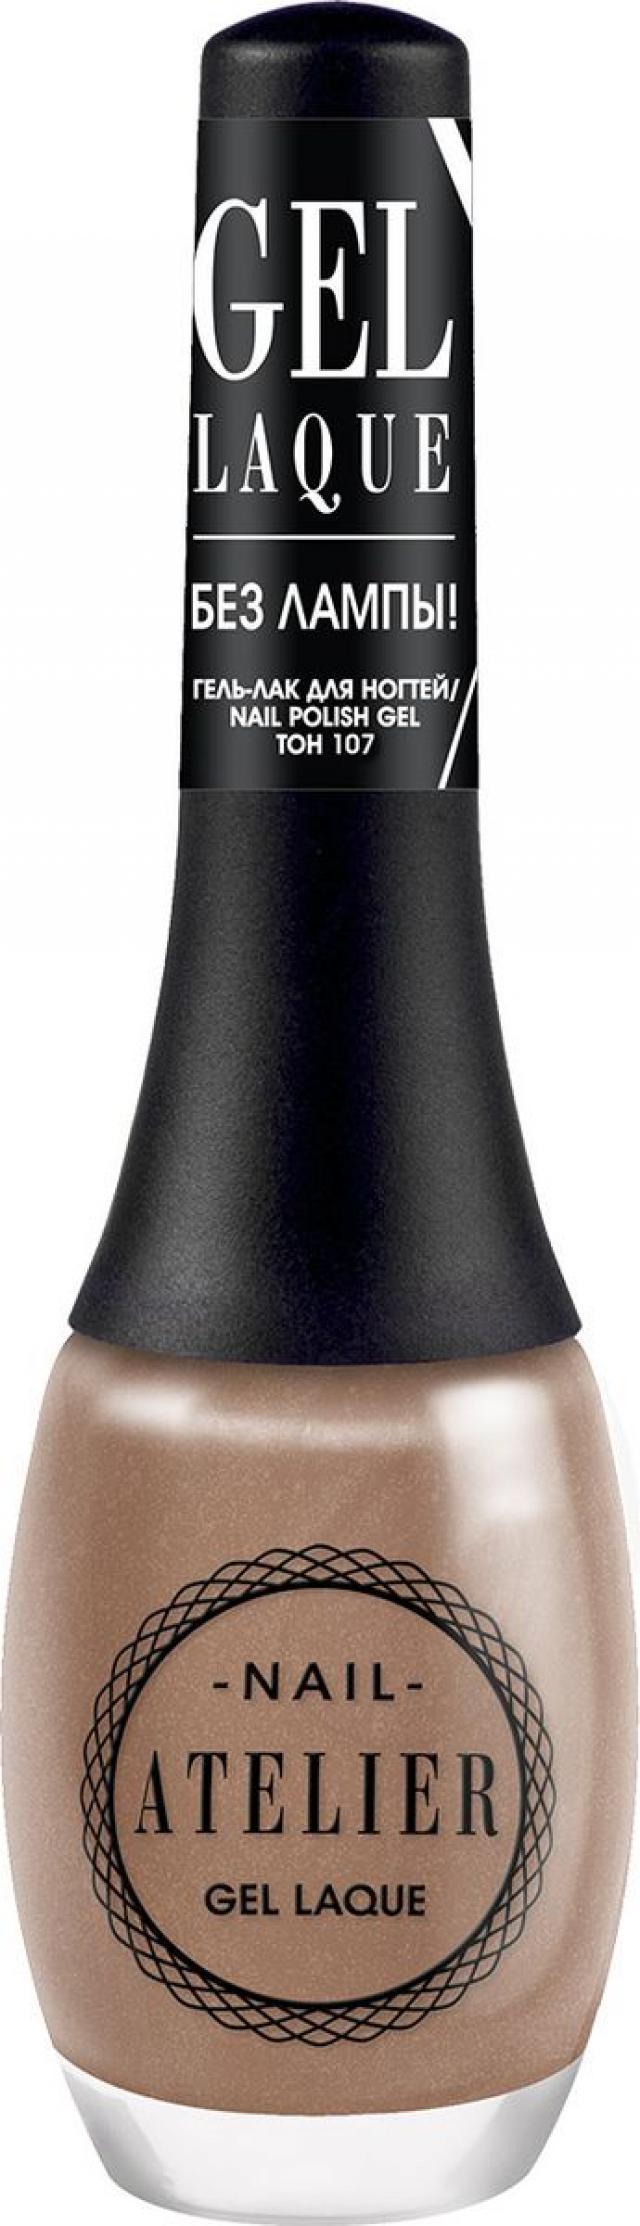 Вивьен Сабо гель-лак для ногтей т.107 купить в Москве по цене от 131 рублей